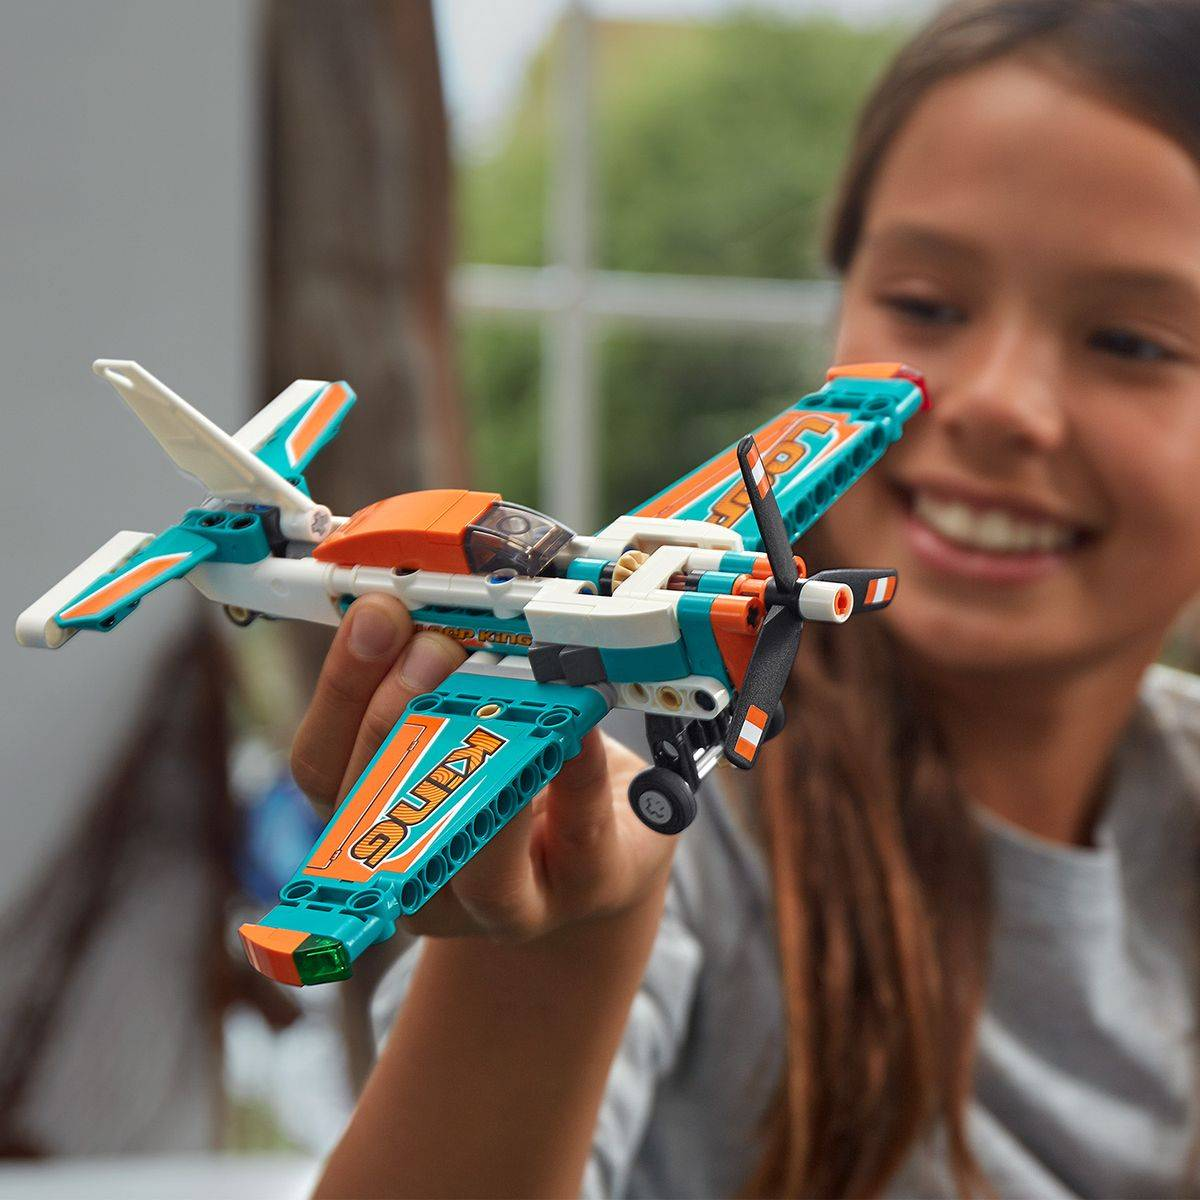 LEGO Technic Samolot wyścigowy model 42117